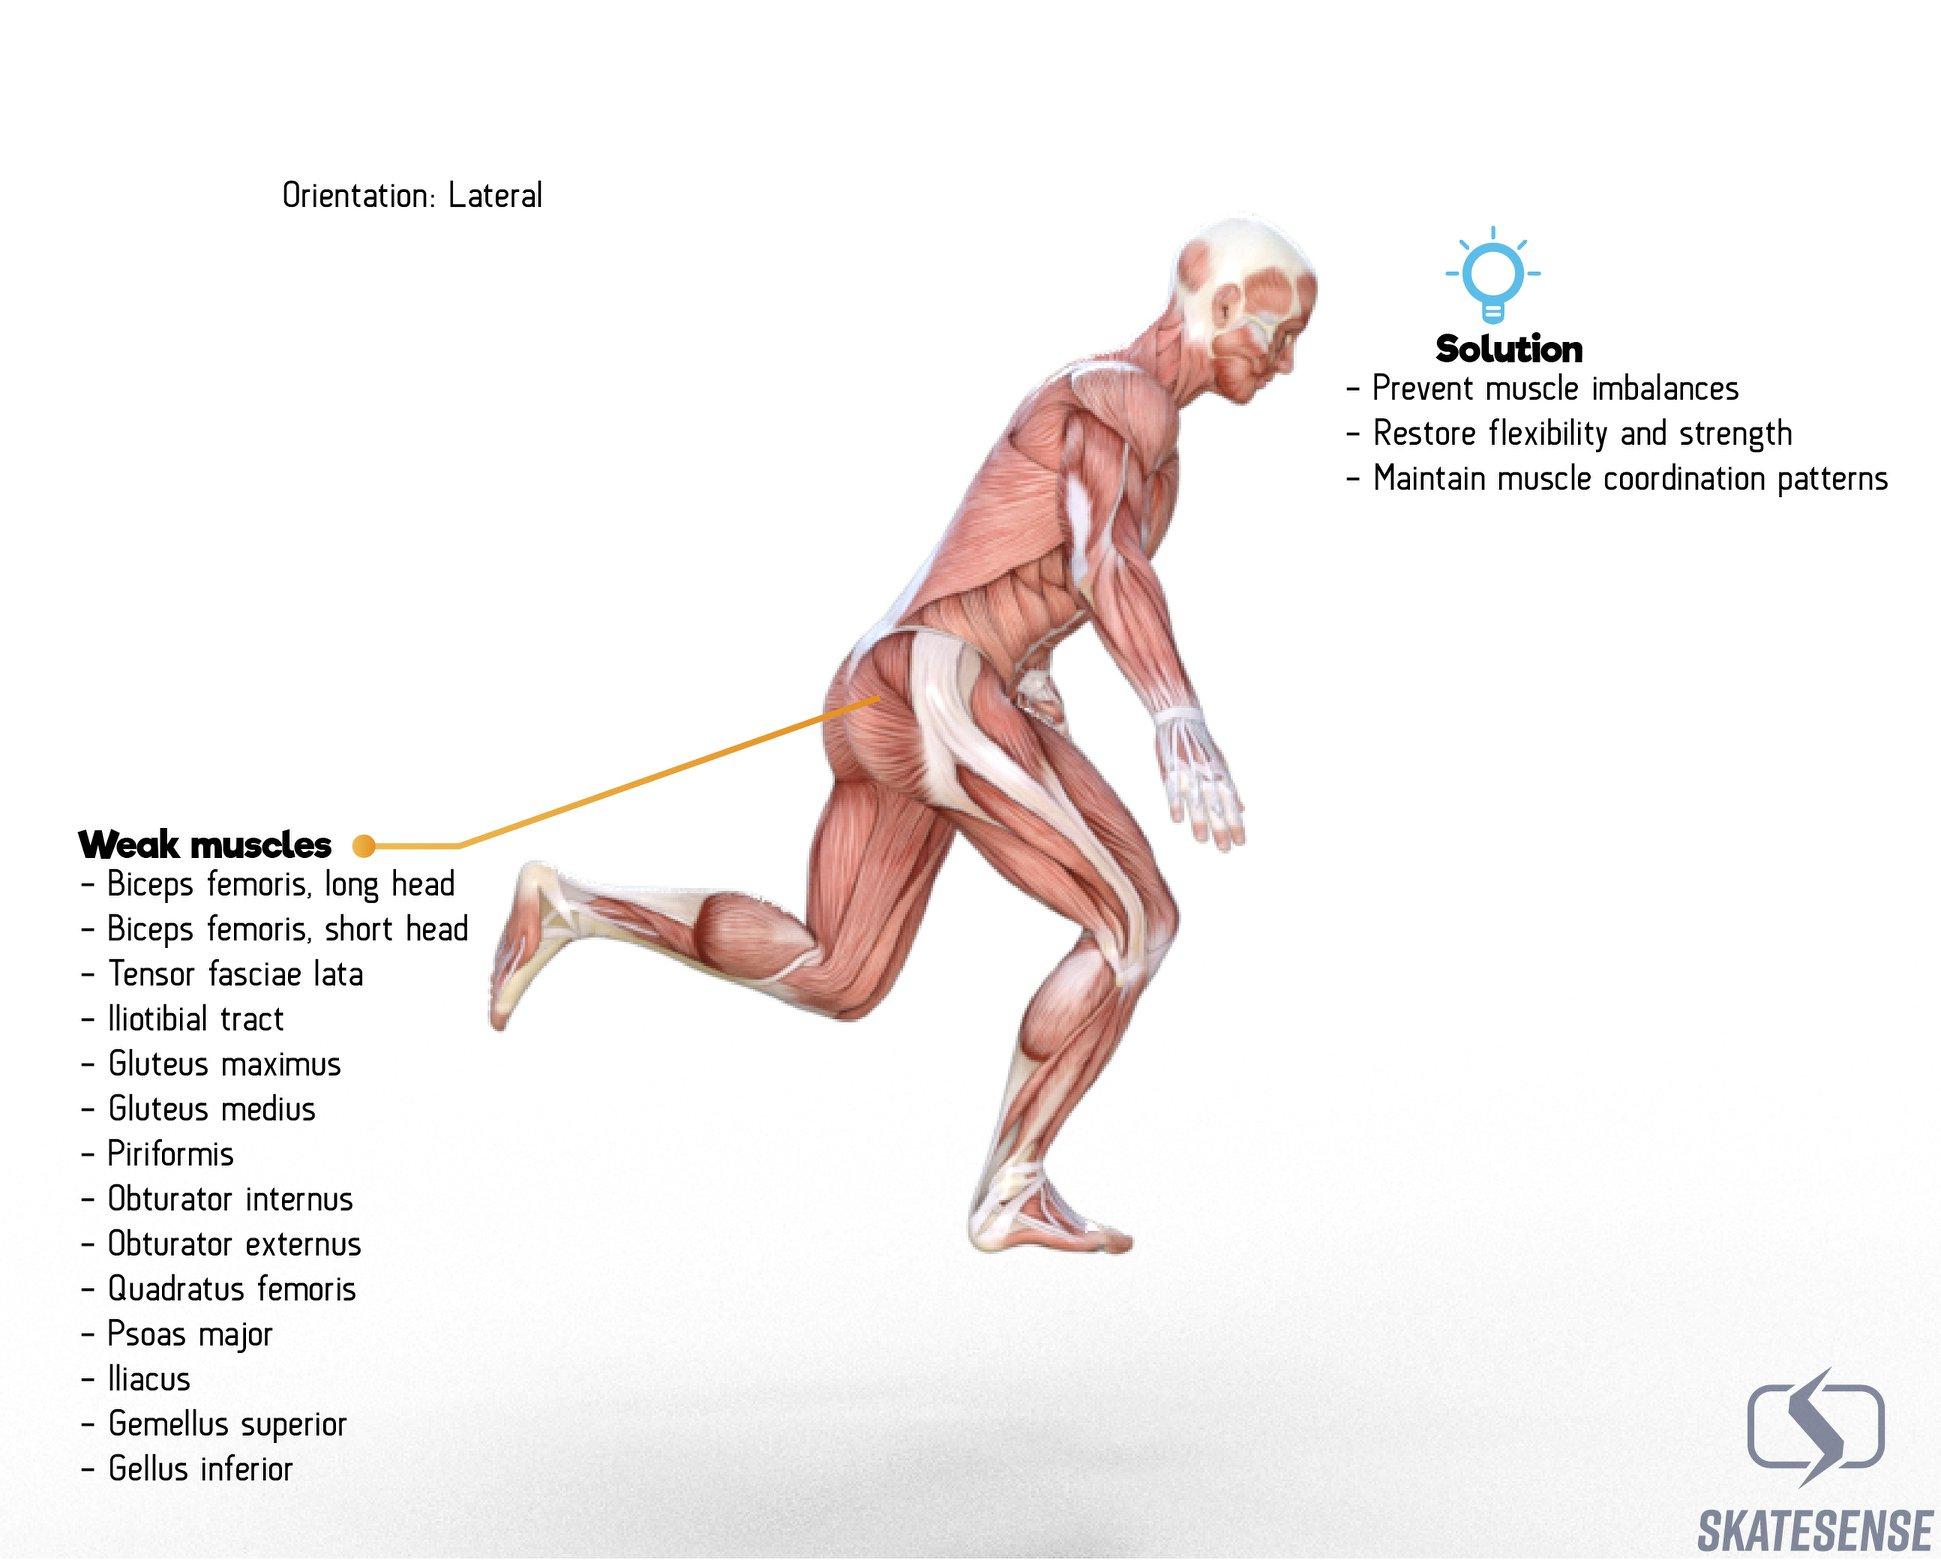 Oslabené svaly dolnej končatiny u hokejistov